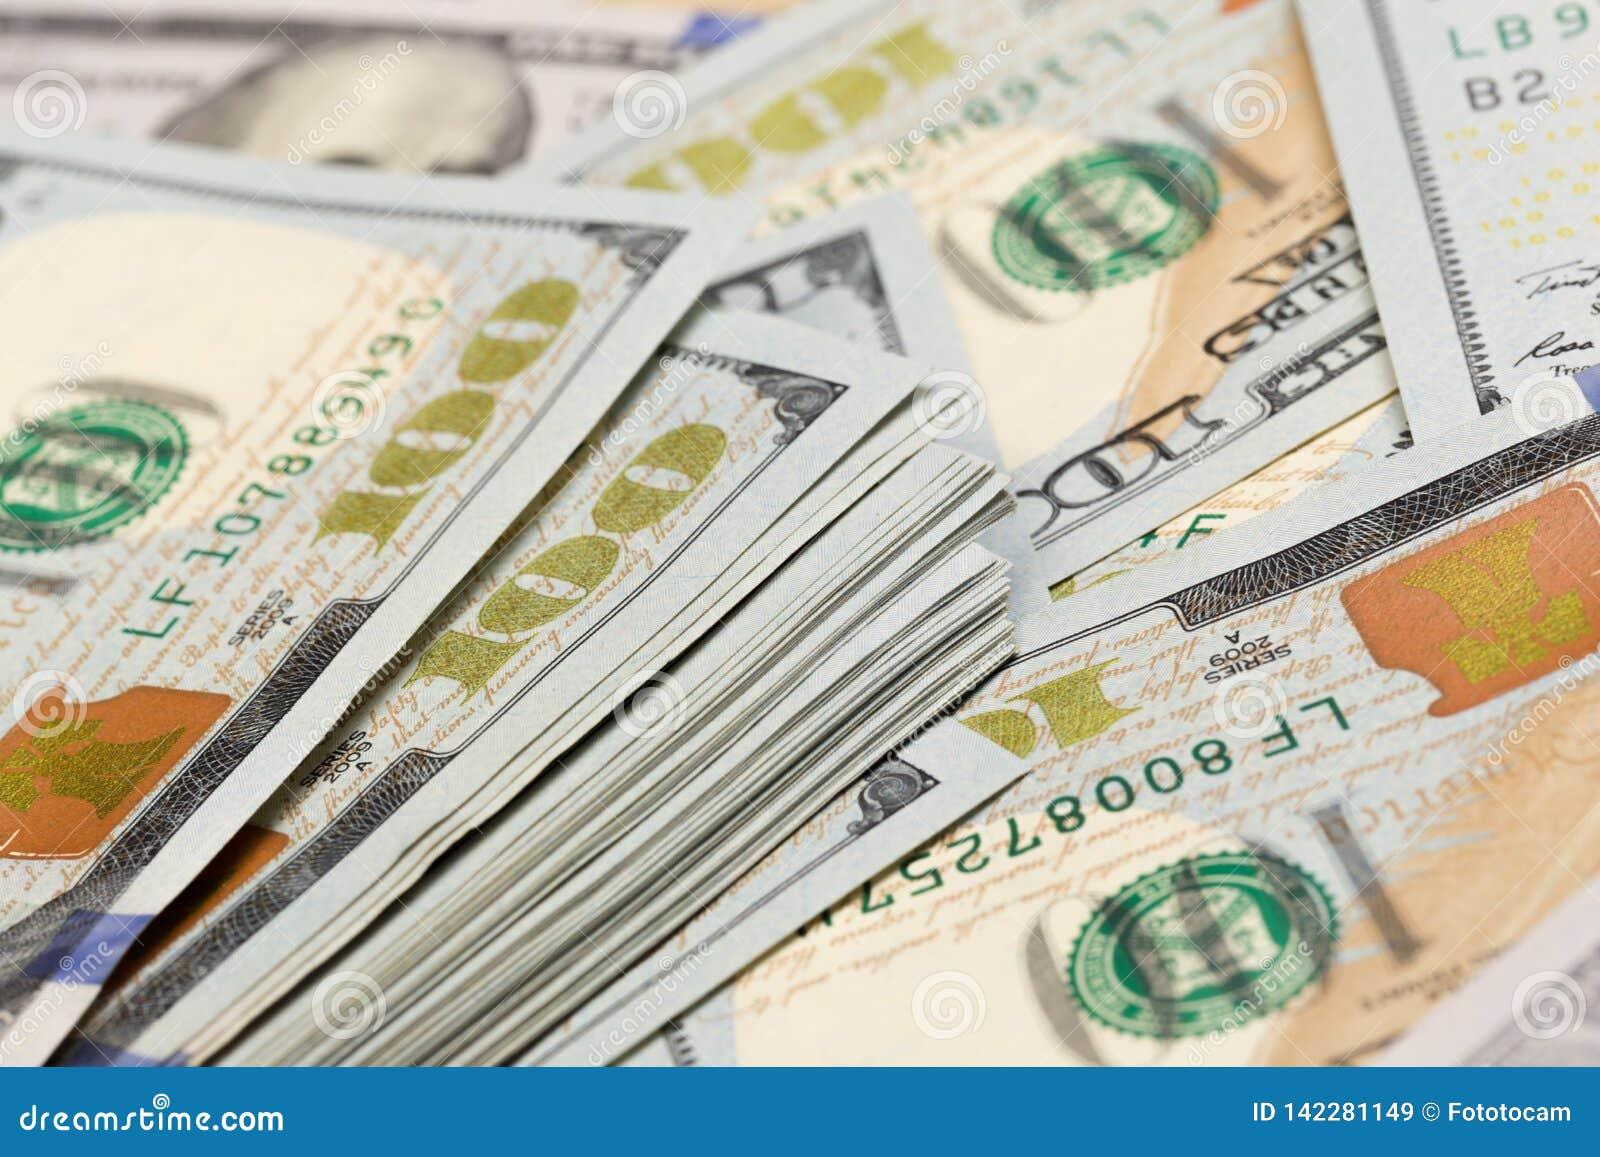 Pile de cent billets d un dollar en gros plan - Image